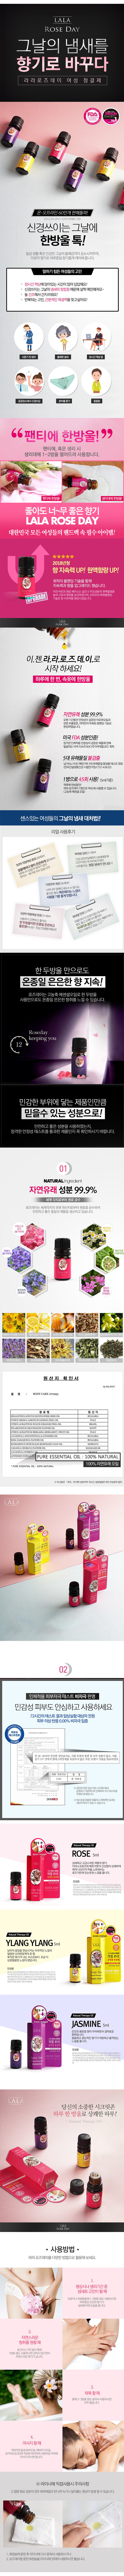 [팬티에 한방울] 로즈데이 네츄럴 테라피 오일(LALA Rose Day Natural Therapy Oil) - 라라/천연 아로마 오일